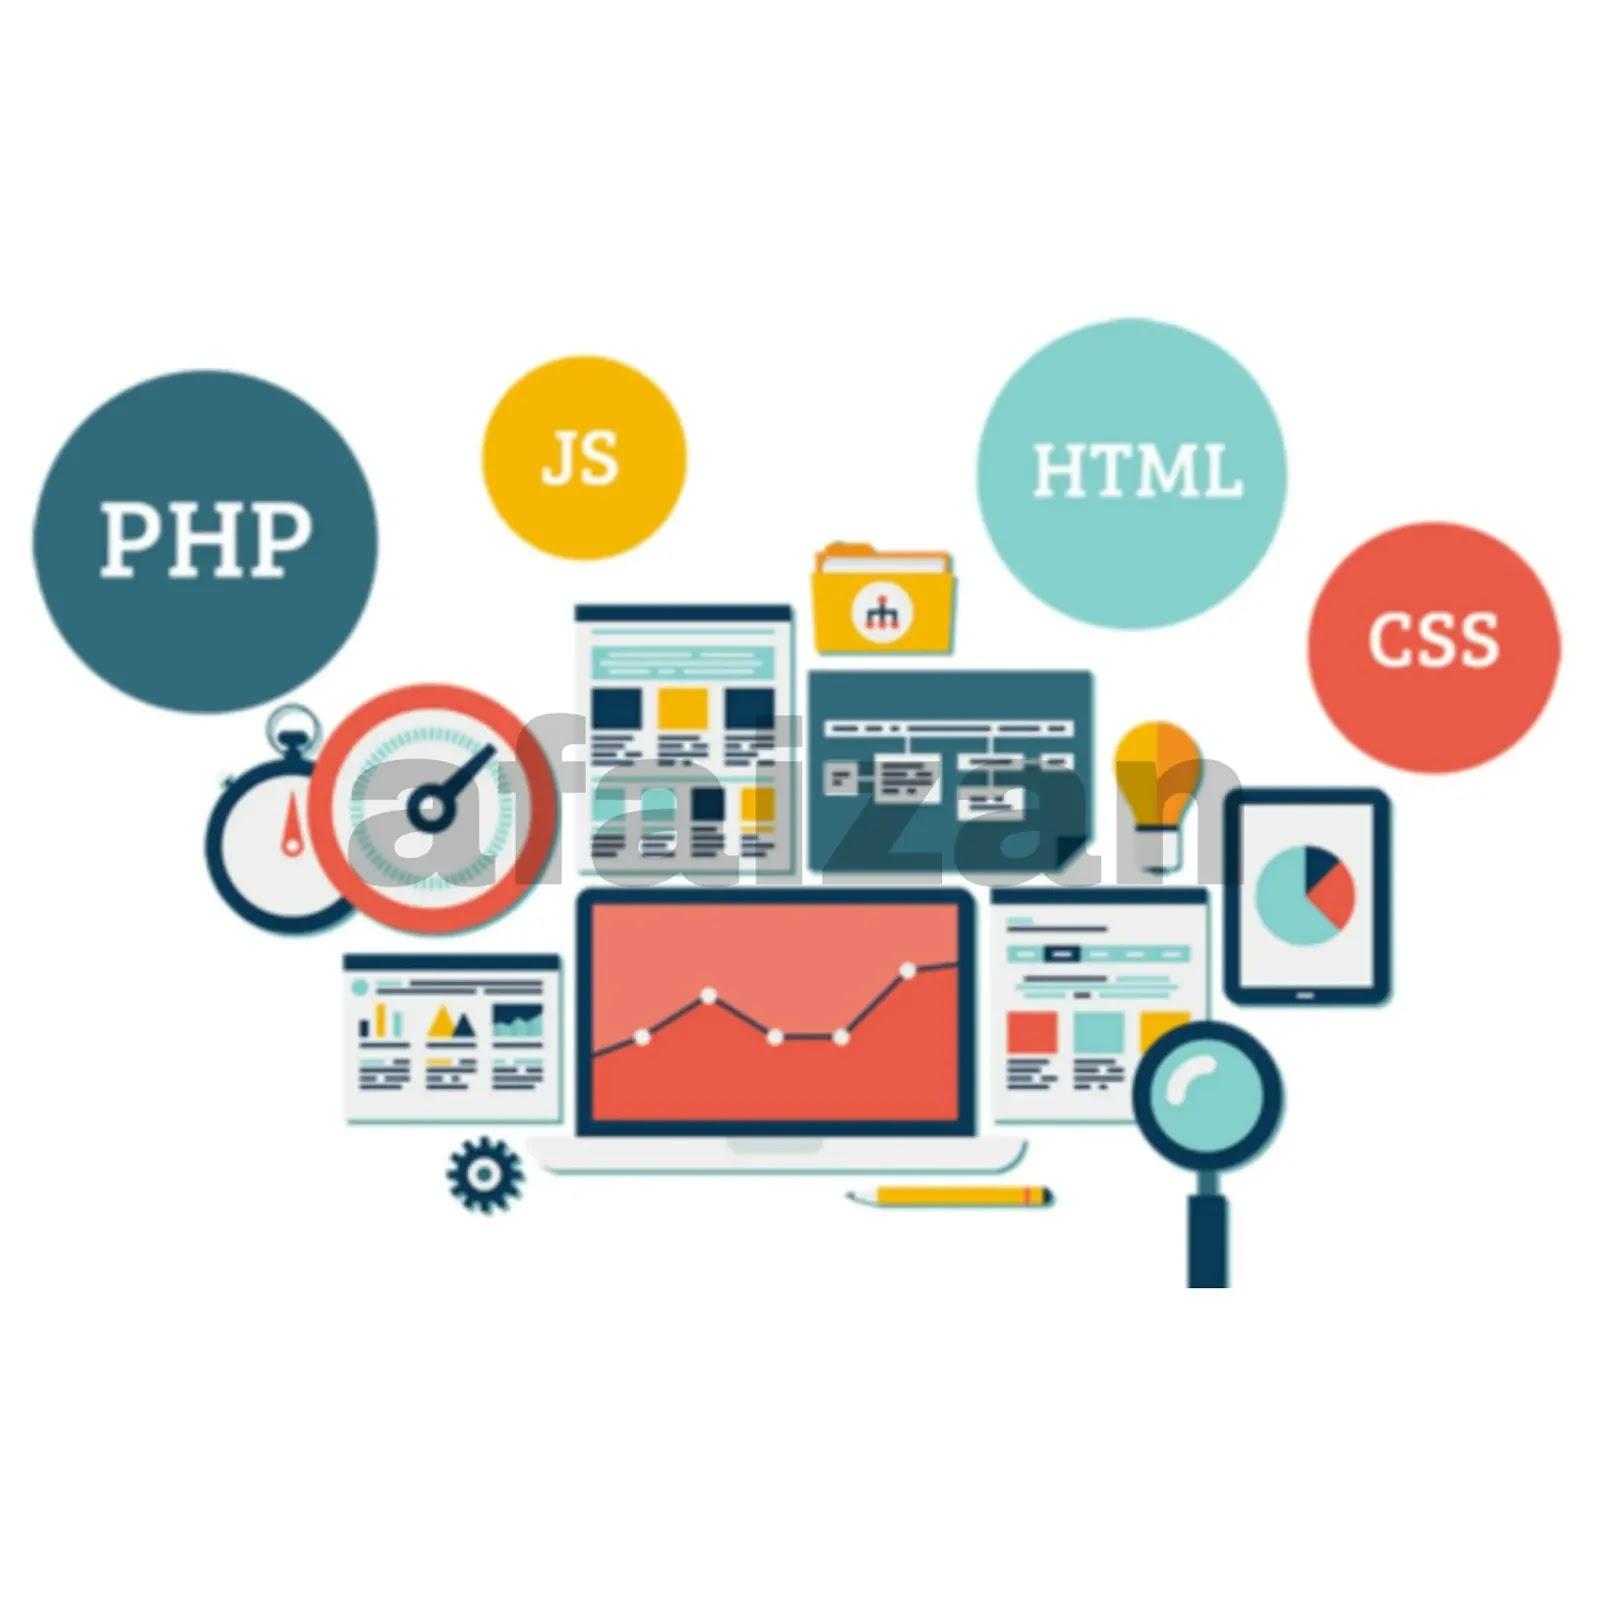 Cara membuat kotak kode script di dalam postingan